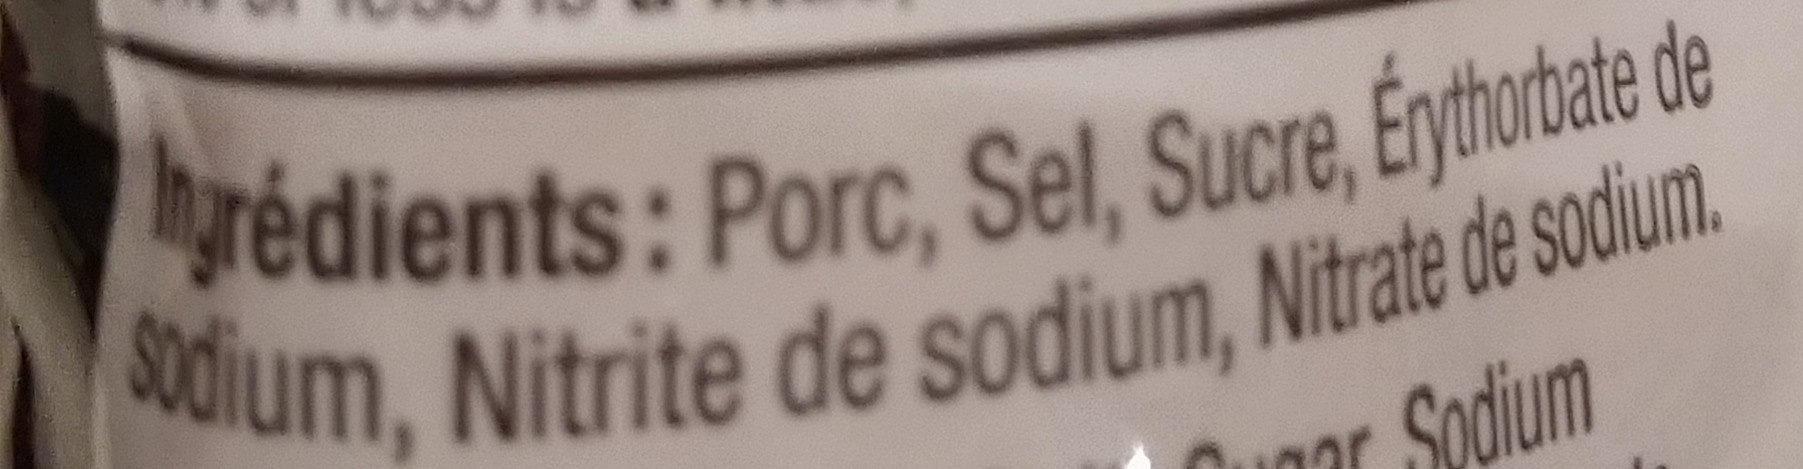 Pancetta cuite originale - Ingrédients - fr